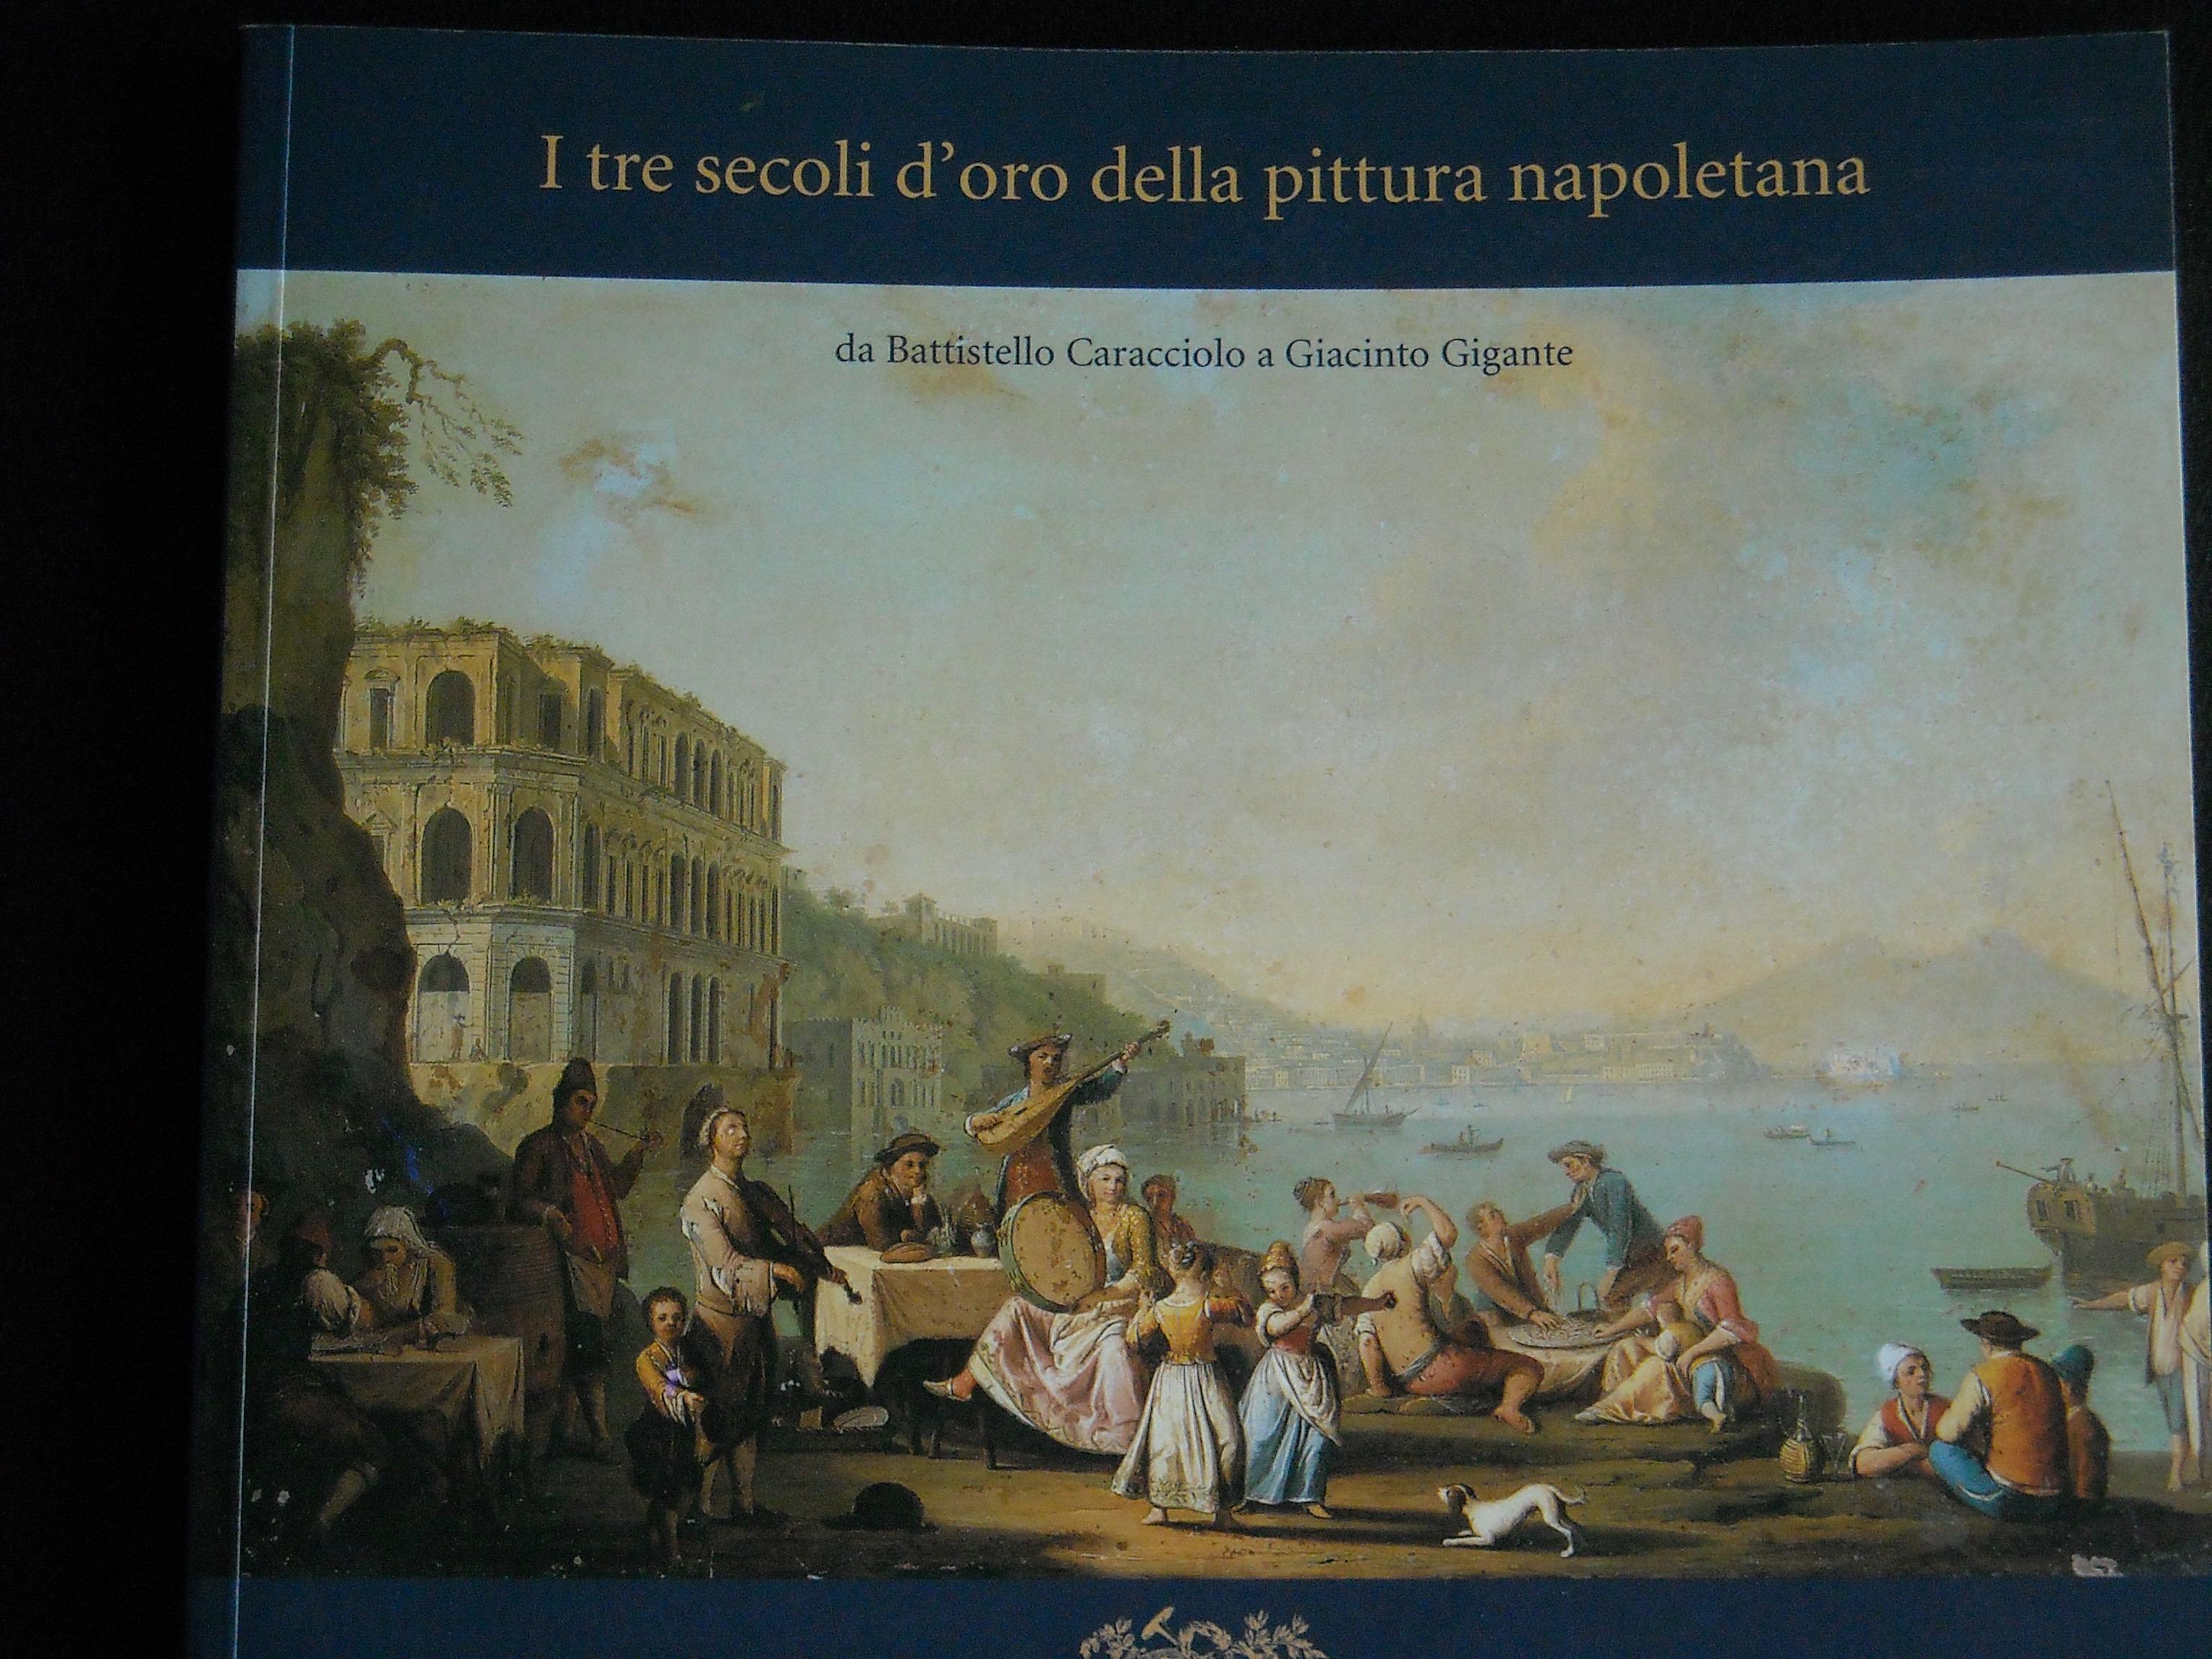 I tre secoli d'oro della pittura napoletana: da Battistello Caracciolo a Giacinto Gigante